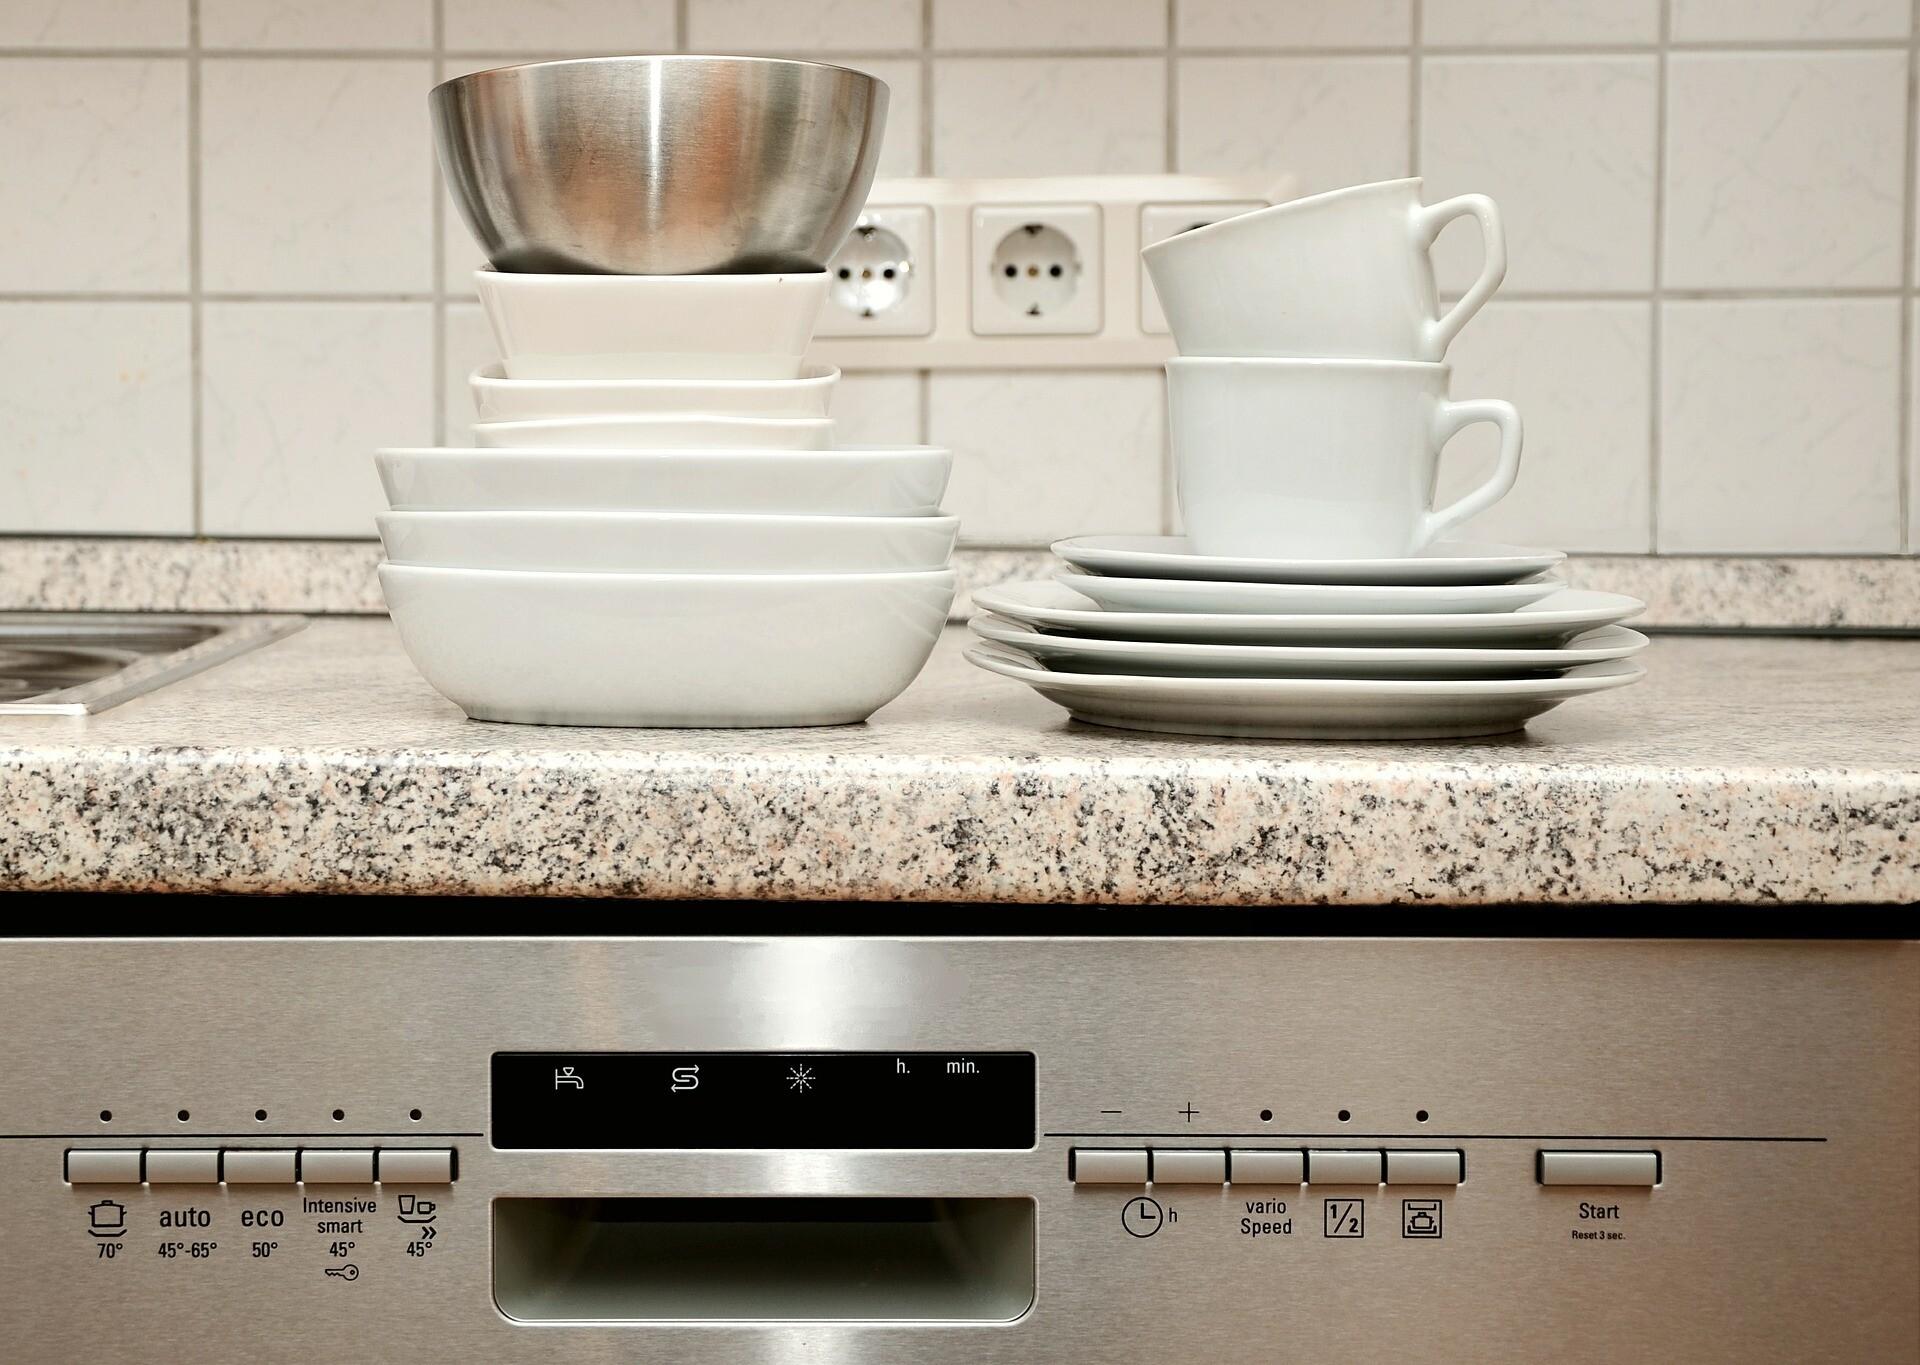 32 неожиданных предмета, которые вы можете очистить в посудомоечной машине